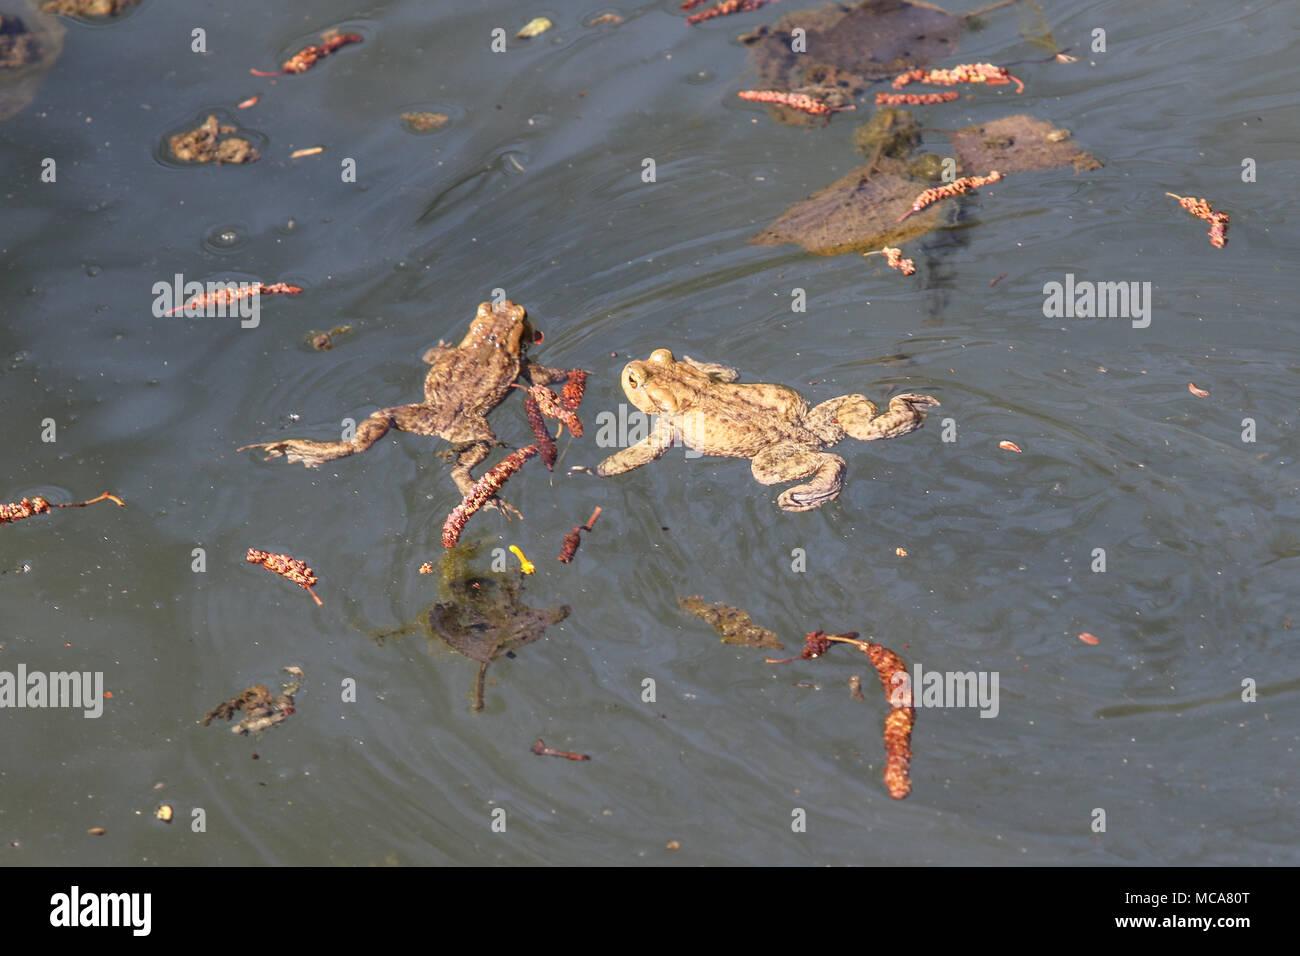 Gdansk, Polonia, el 14 de abril de 2018 Deje que la rana vaya la acción. Los ecologistas, activistas locales y residentes trampa, y que lleve a los estanques, ranas, sapos y otros anfibios en sus rutas de migración, en la ciudad, para evitar que sean asesinados por la conducción de automóviles. Las ranas en un estanque son vistos © Vadim Pacajev / Alamy Live News Foto de stock